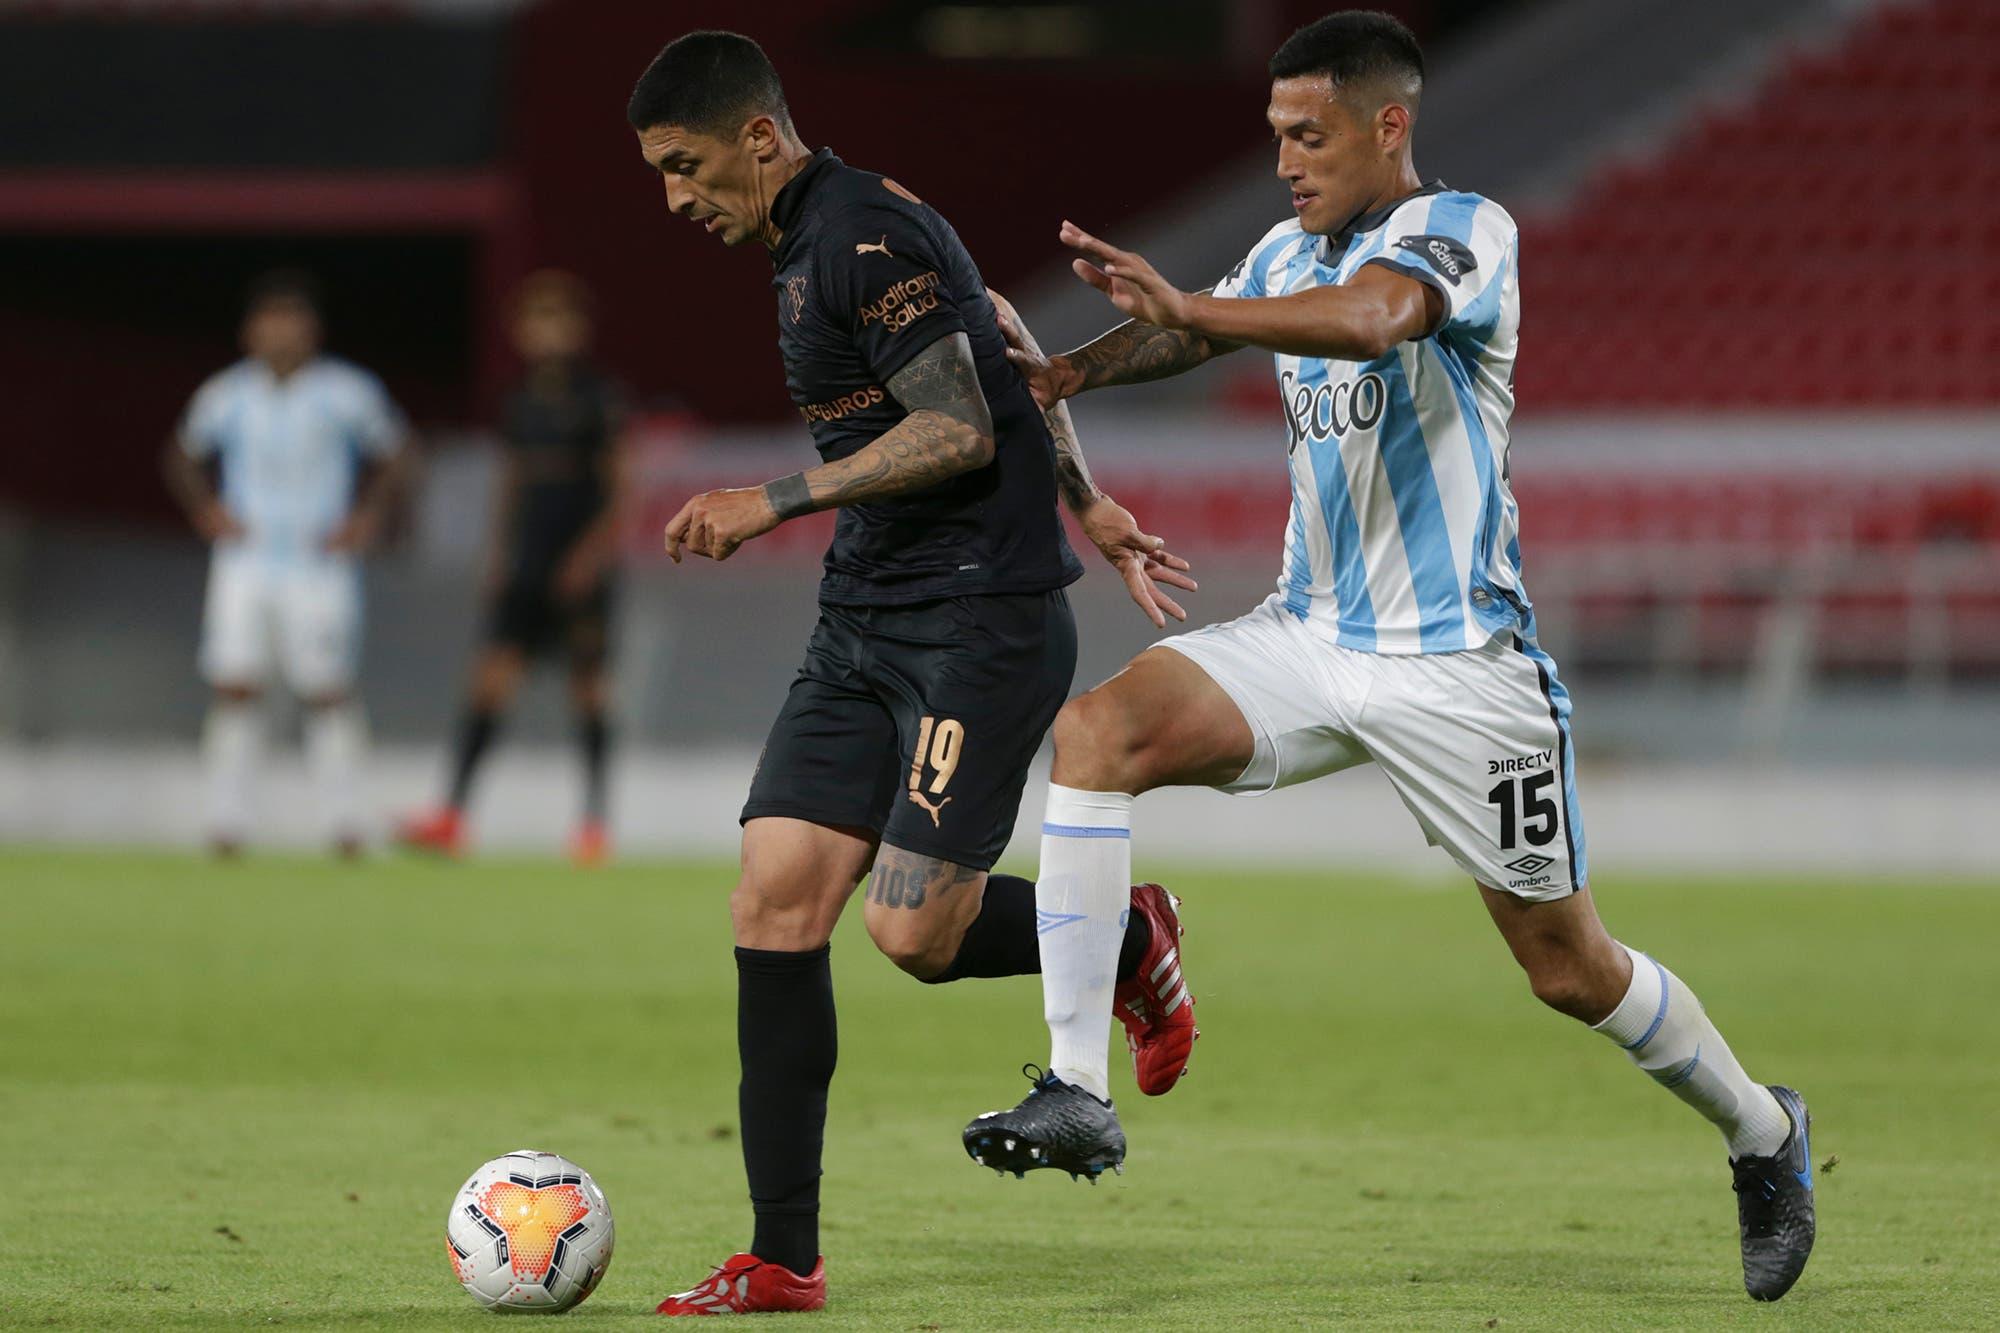 Atlético Tucumán-Independiente, por la Copa Sudamericana: horario, TV y formaciones